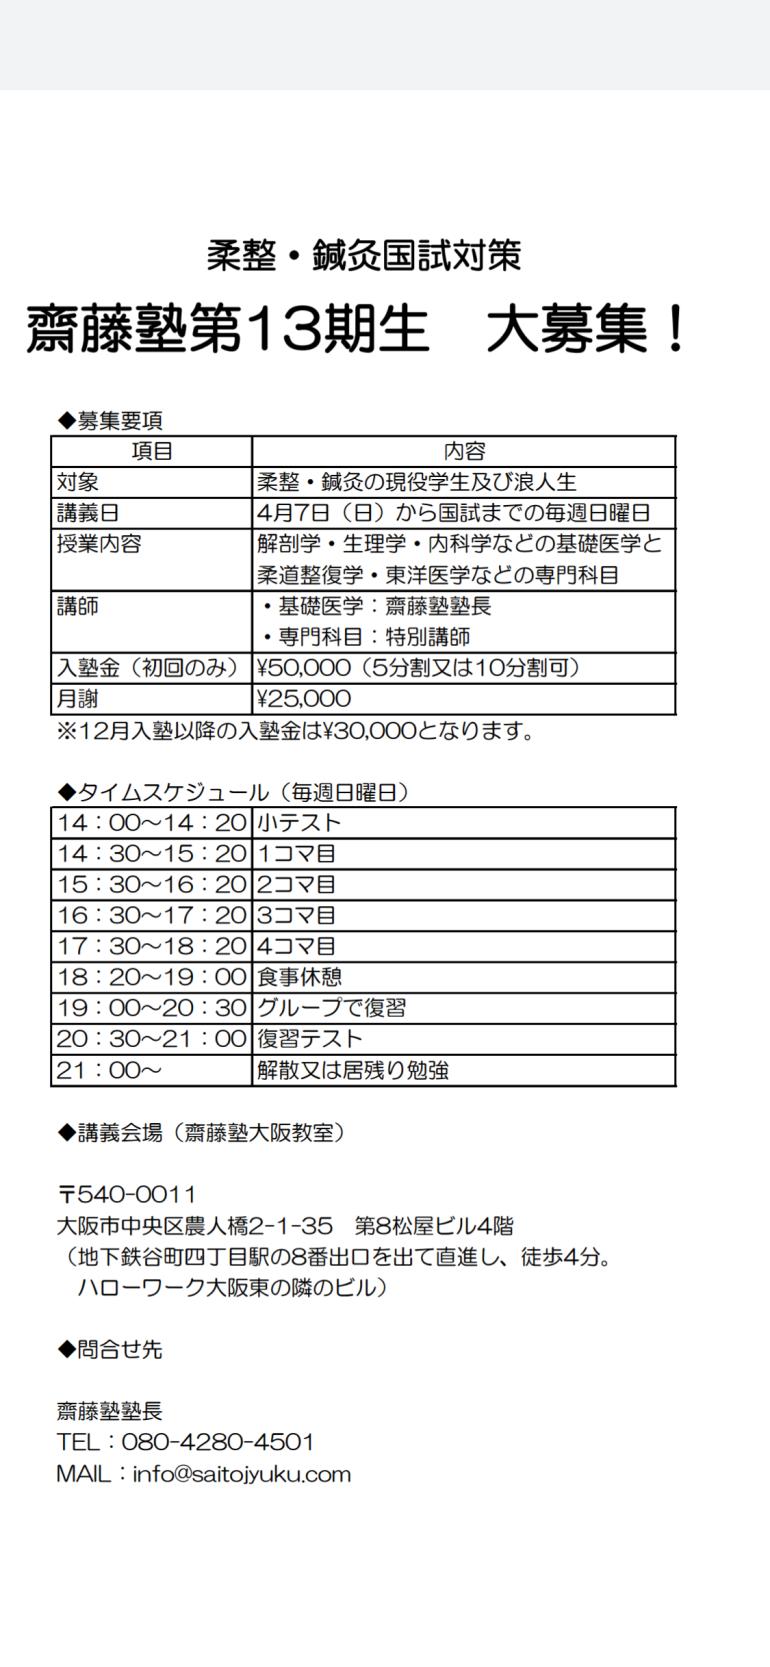 643CB4E5-A346-4513-B31B-E157FE7D0D15.png